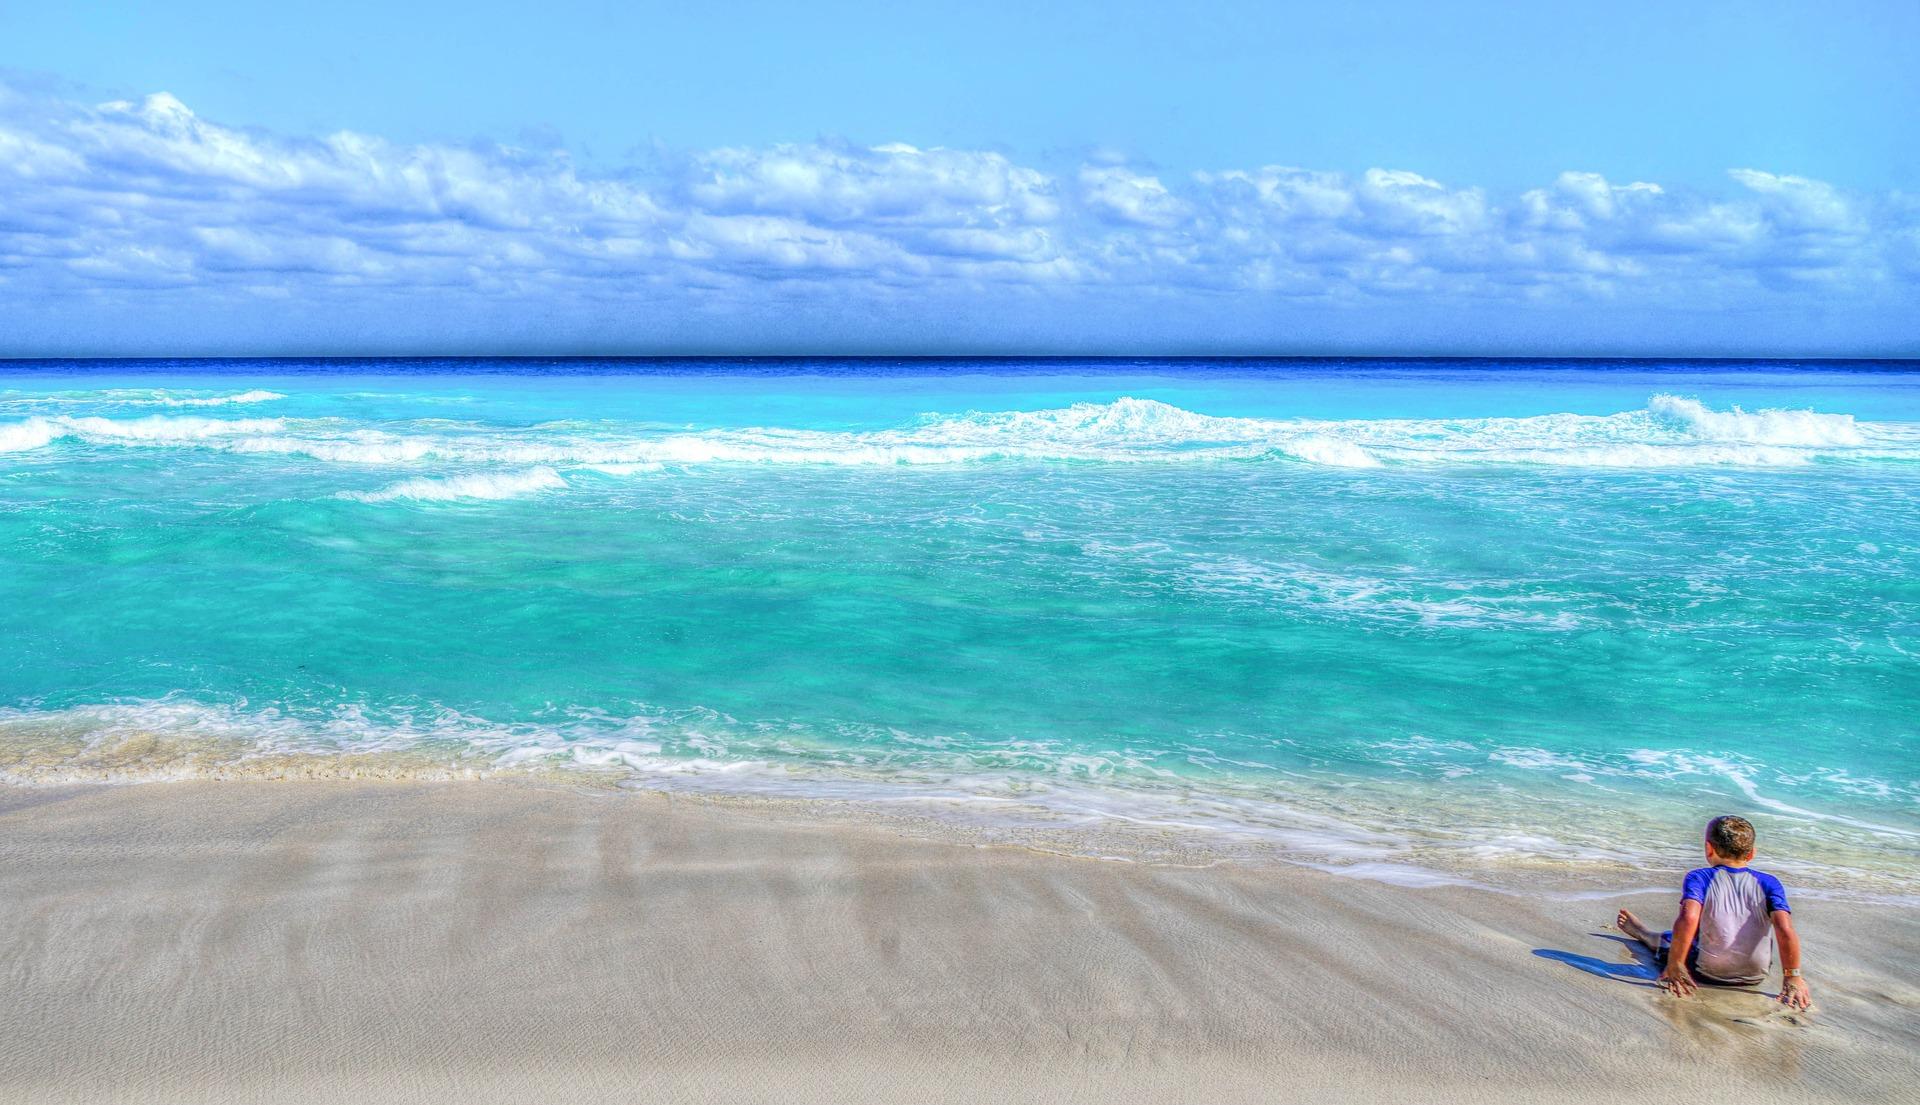 Cancun Urlaub am karbischen Meer eine Woche - ich empfehle euch mindestens 9 Tage zu bleiben wegen den 12 Stunden Flugzeiten